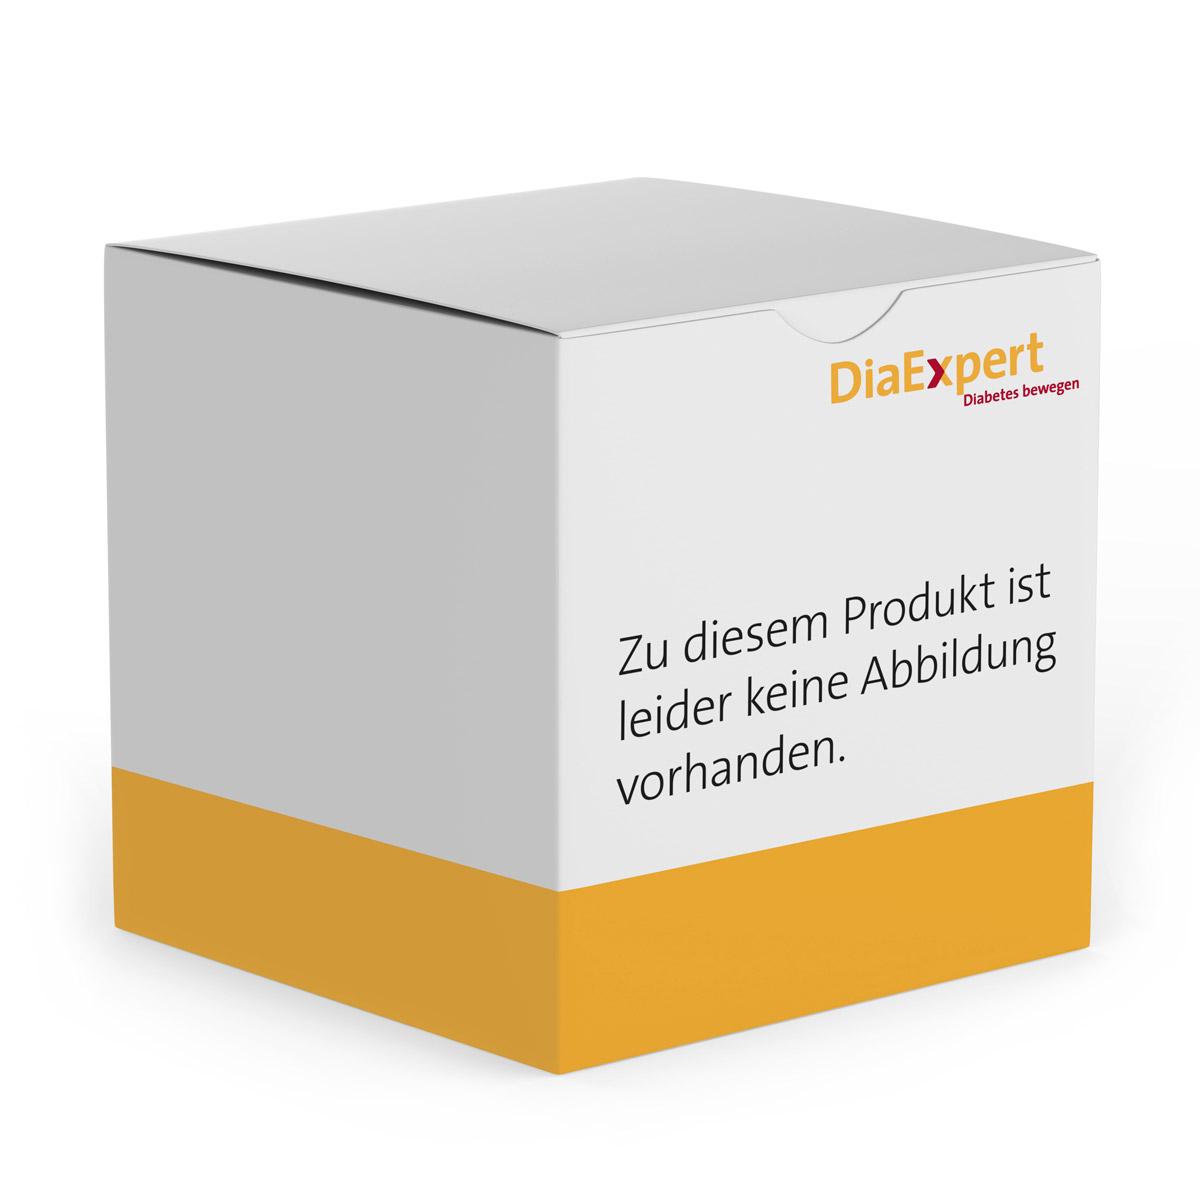 CGM (kontinuierliche Glukosemessung) Broschüre von DiaExpert.